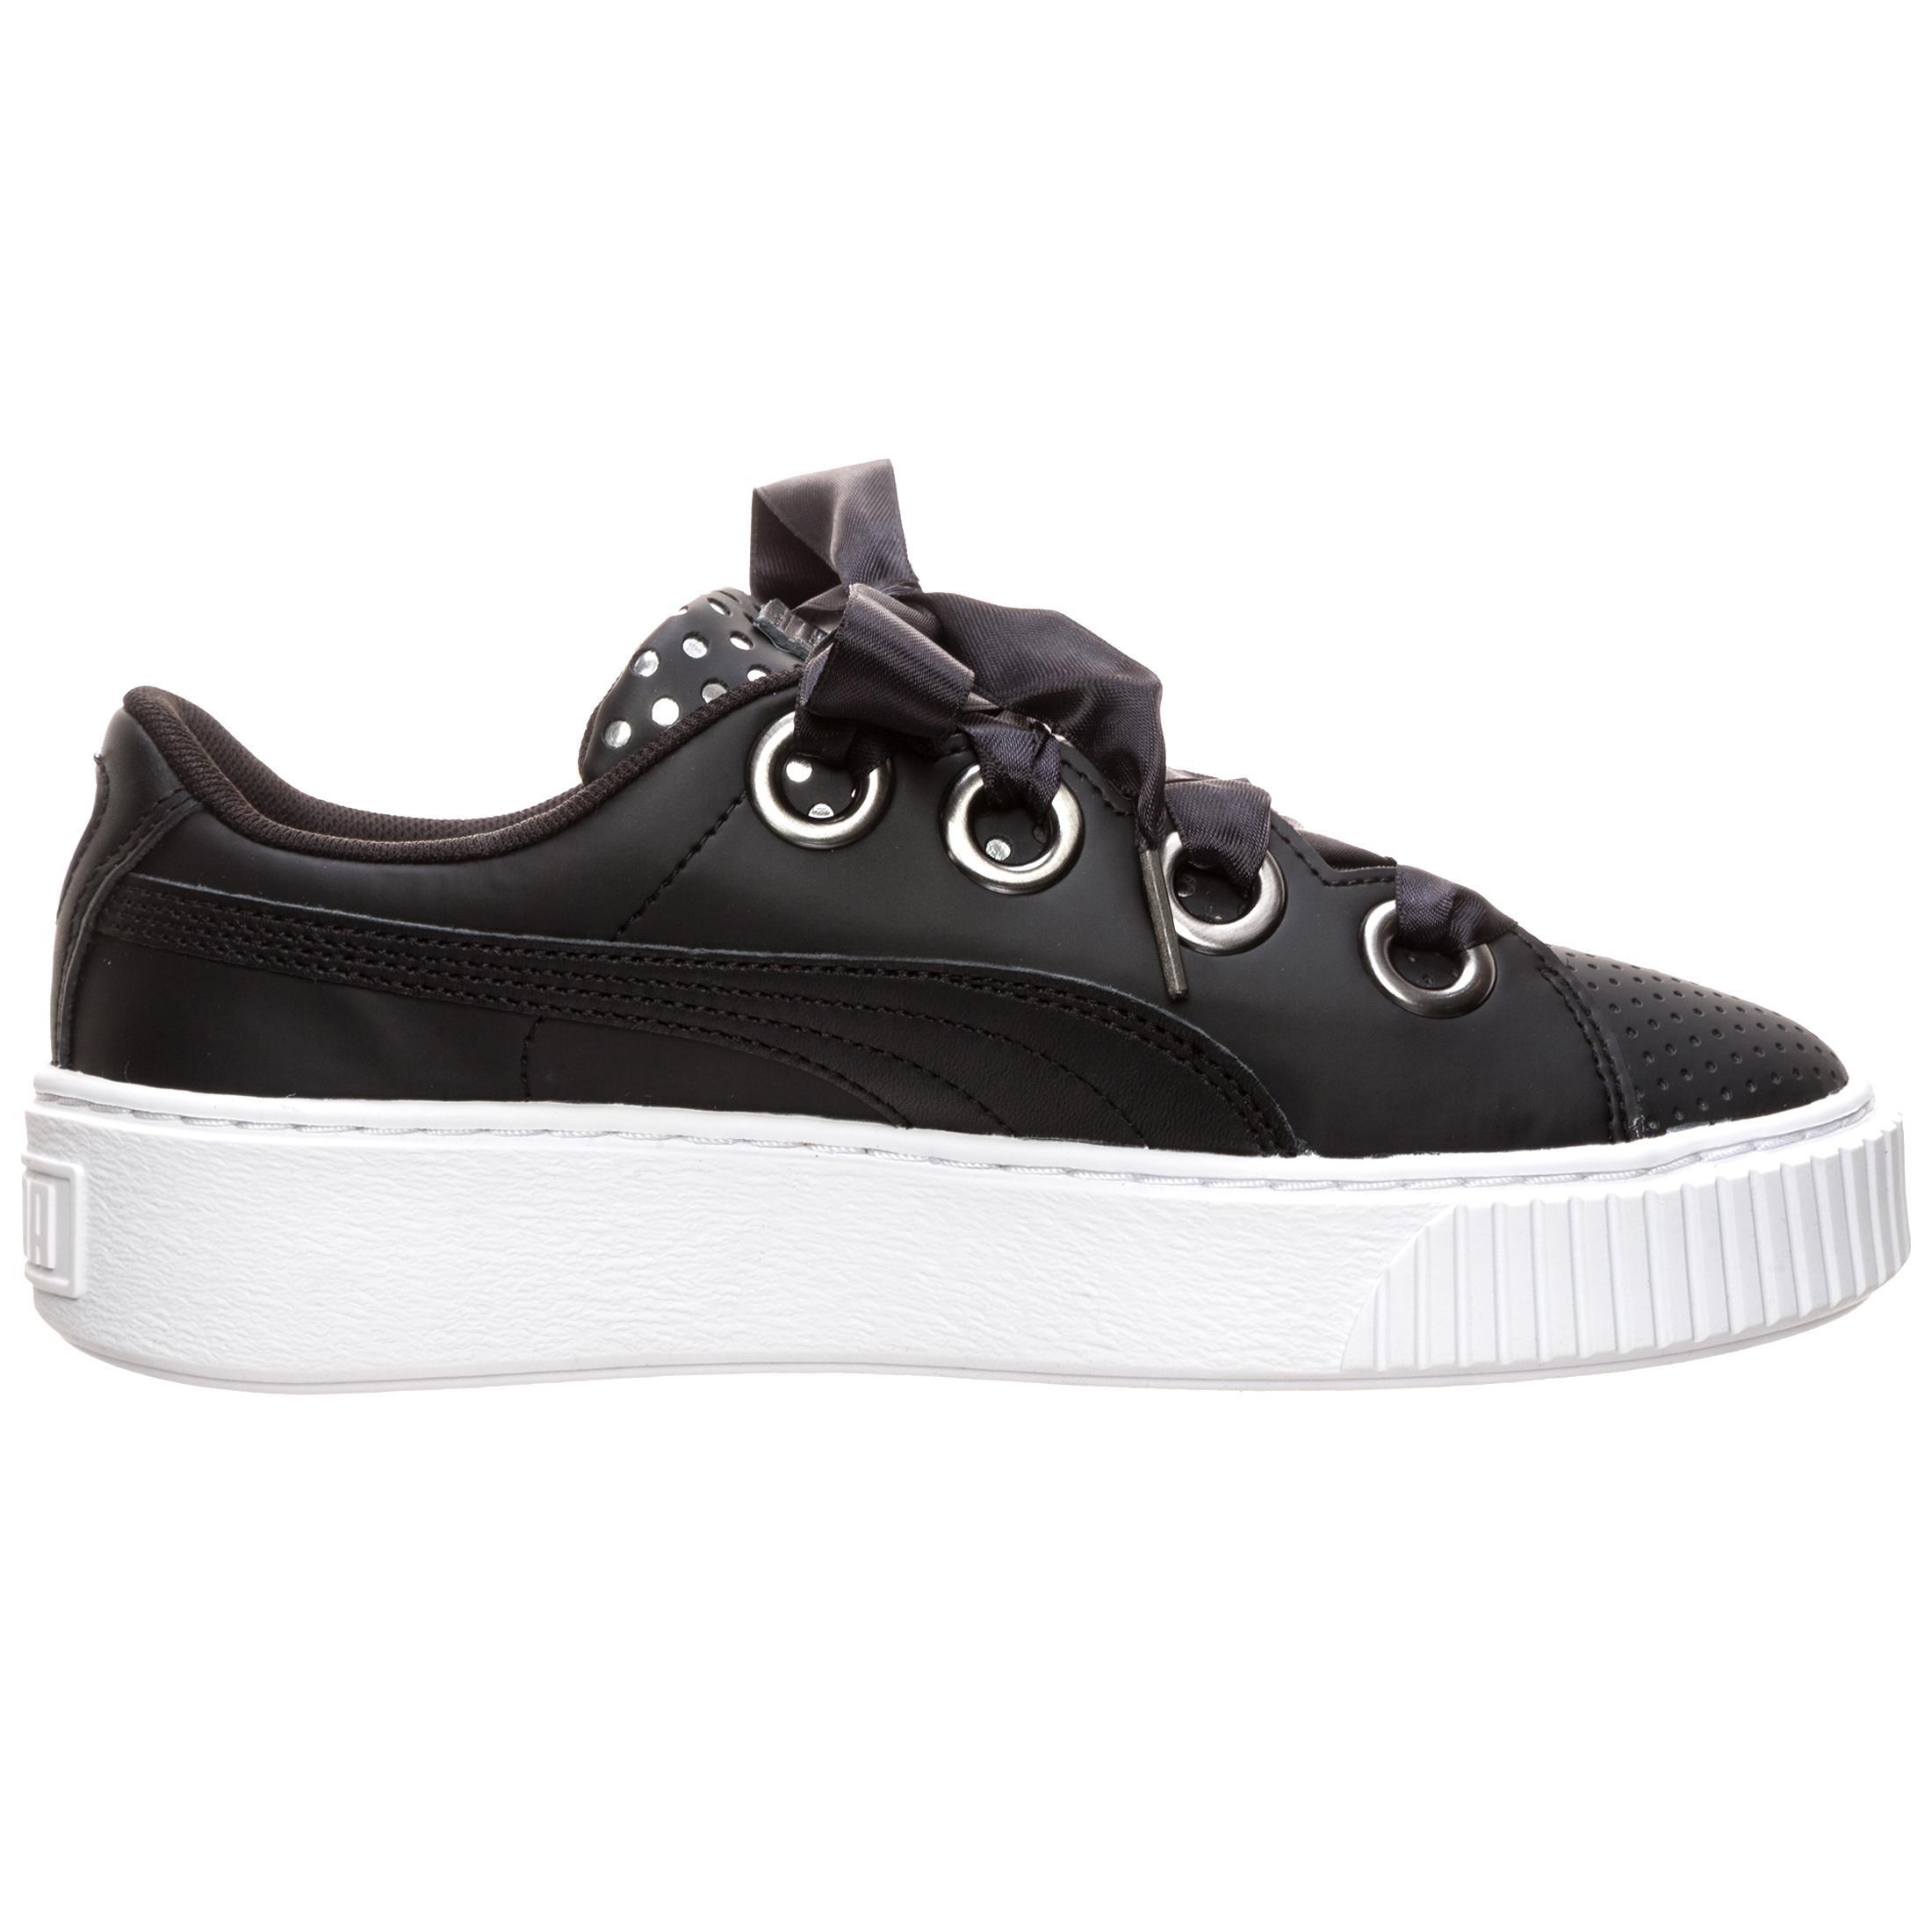 PUMA Platform Kiss Ath Lux Sneaker Damen schwarz schwarz schwarz / silber im Online Shop von SportScheck kaufen Gute Qualität beliebte Schuhe a8946d